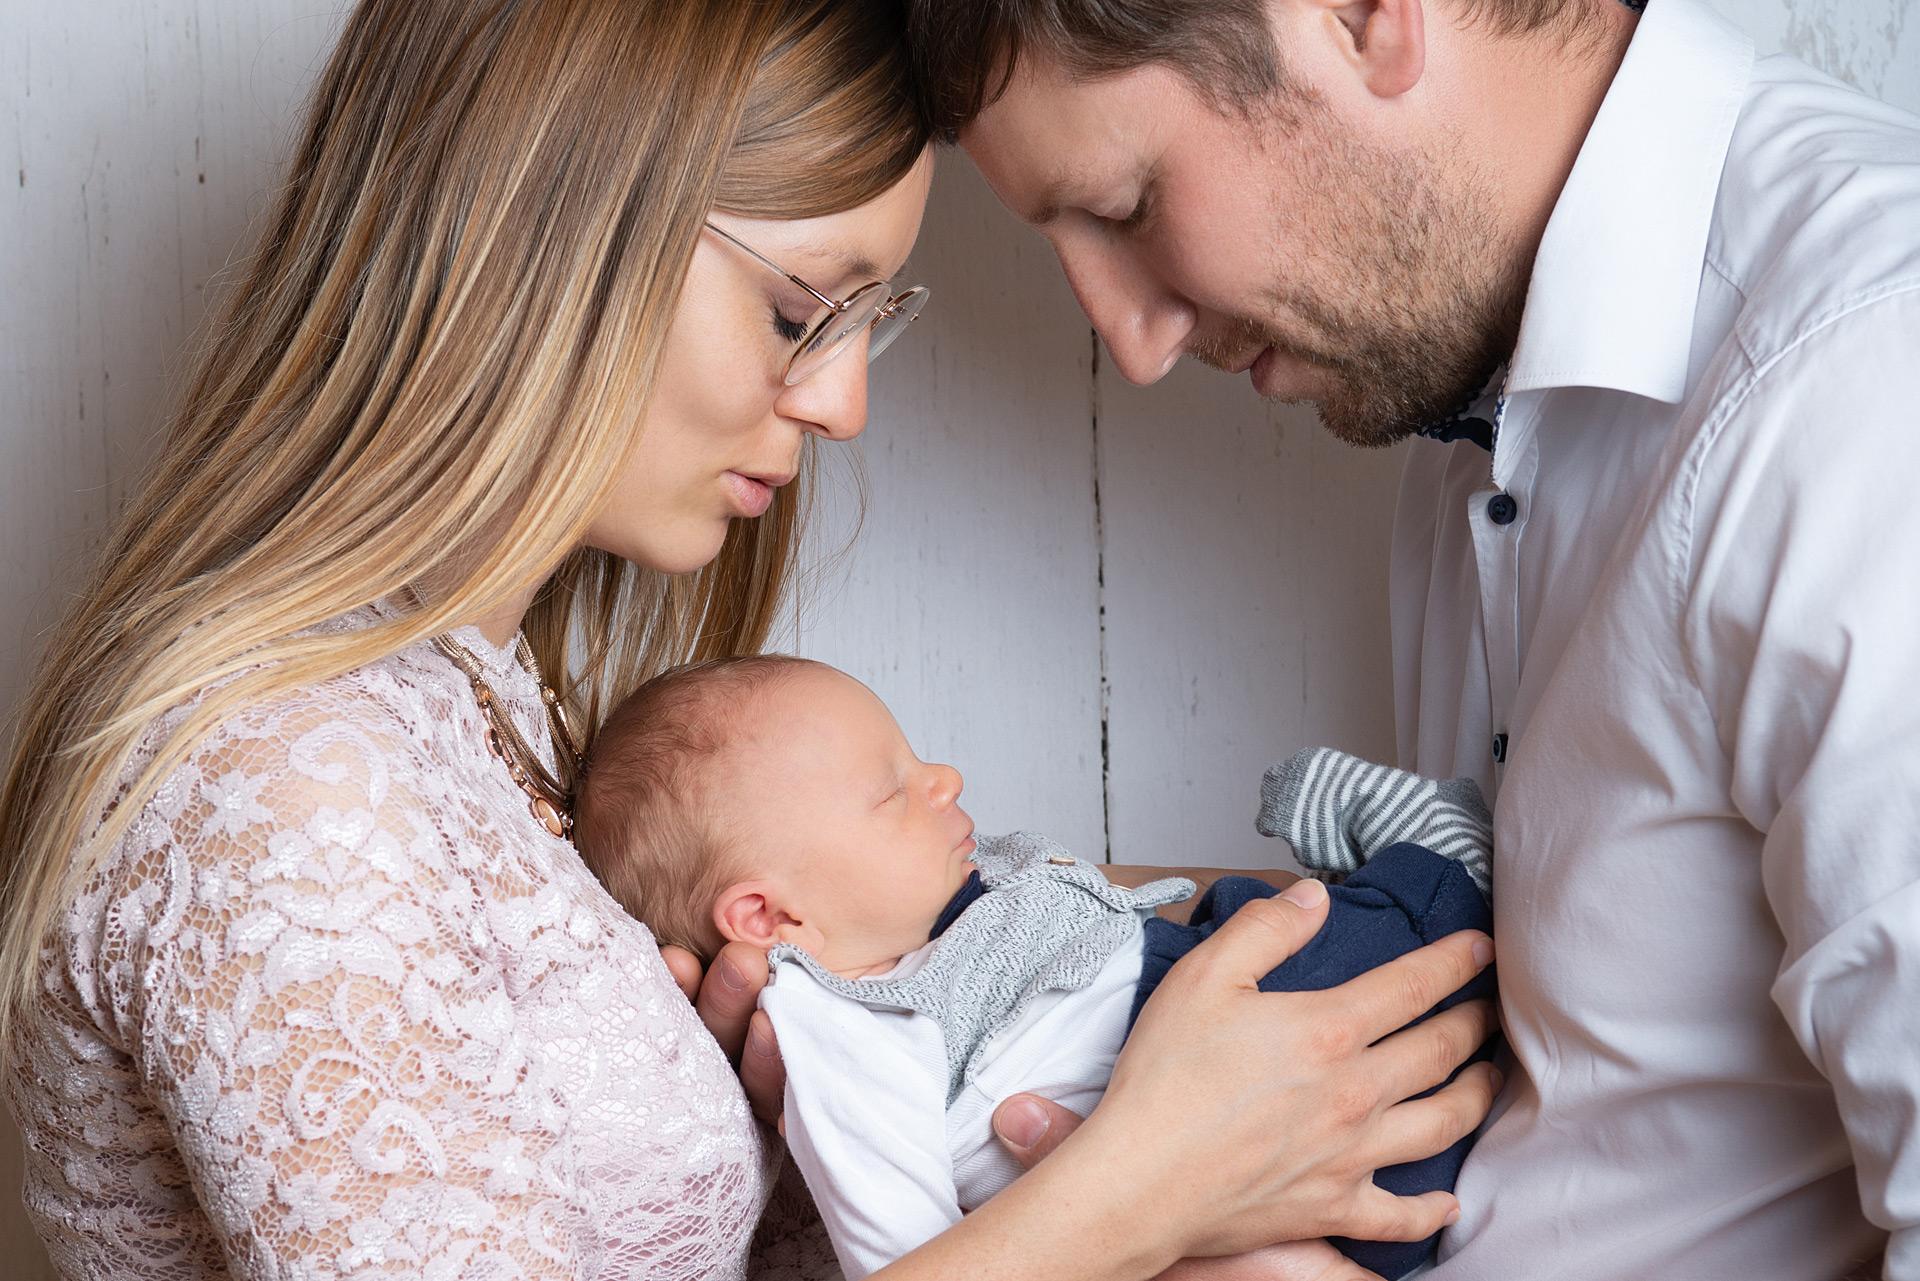 FamilienfotoFamilienportraitFotografJuliaJungbeckseibildschoen - PORTFOLIO